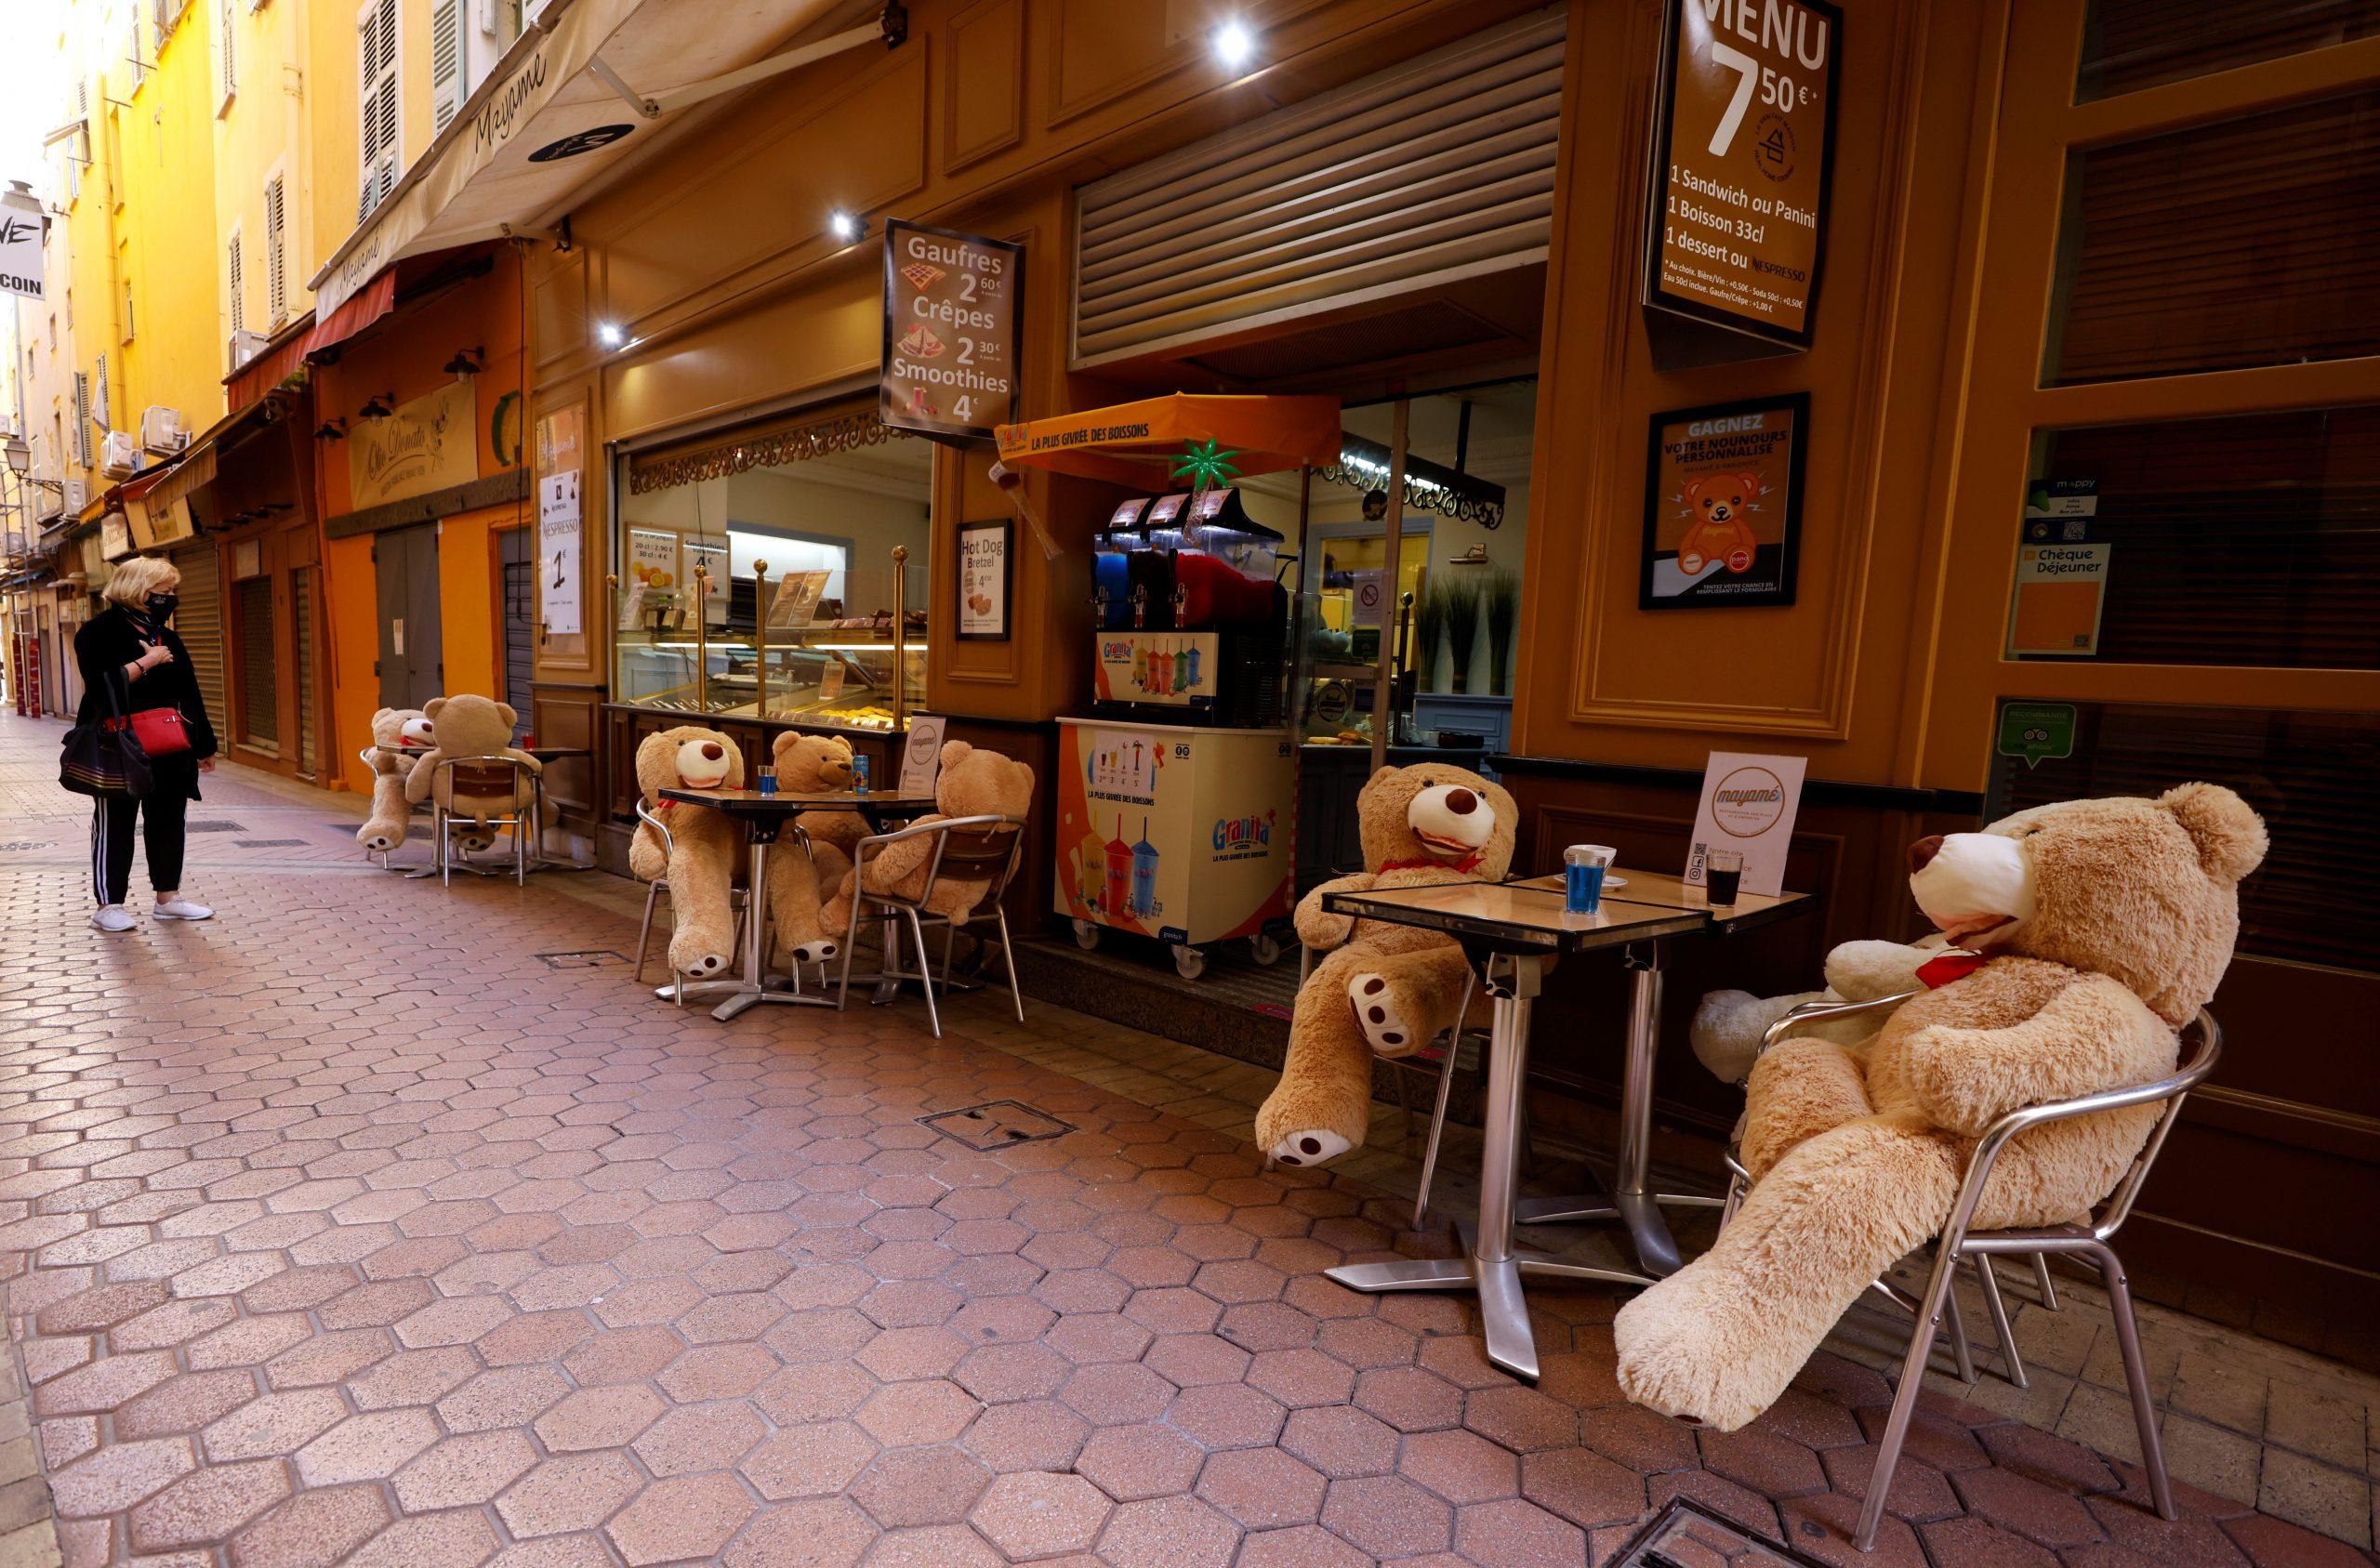 Ossets de peluix s'asseuen a les taules d'un bar que es prepara per a la reobertura a Niça, França, el 3 de maig de 2021 / ACN